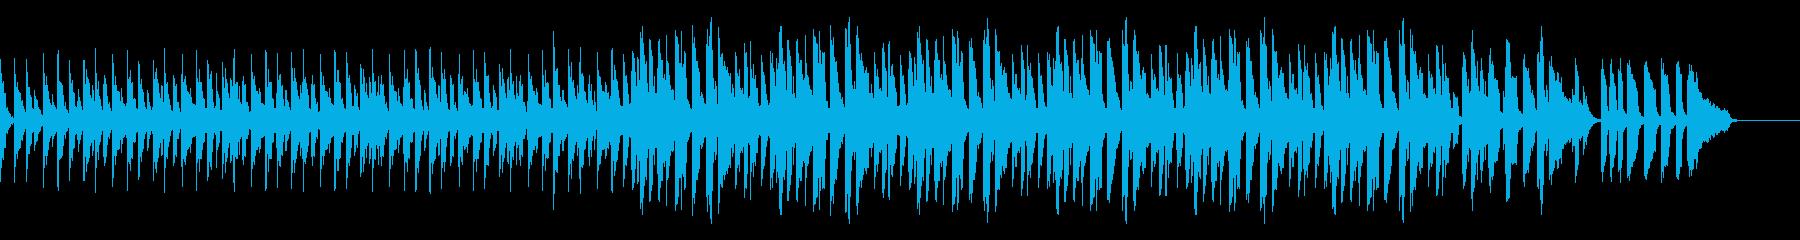 bpm80スウィングドラムベース抜きの再生済みの波形